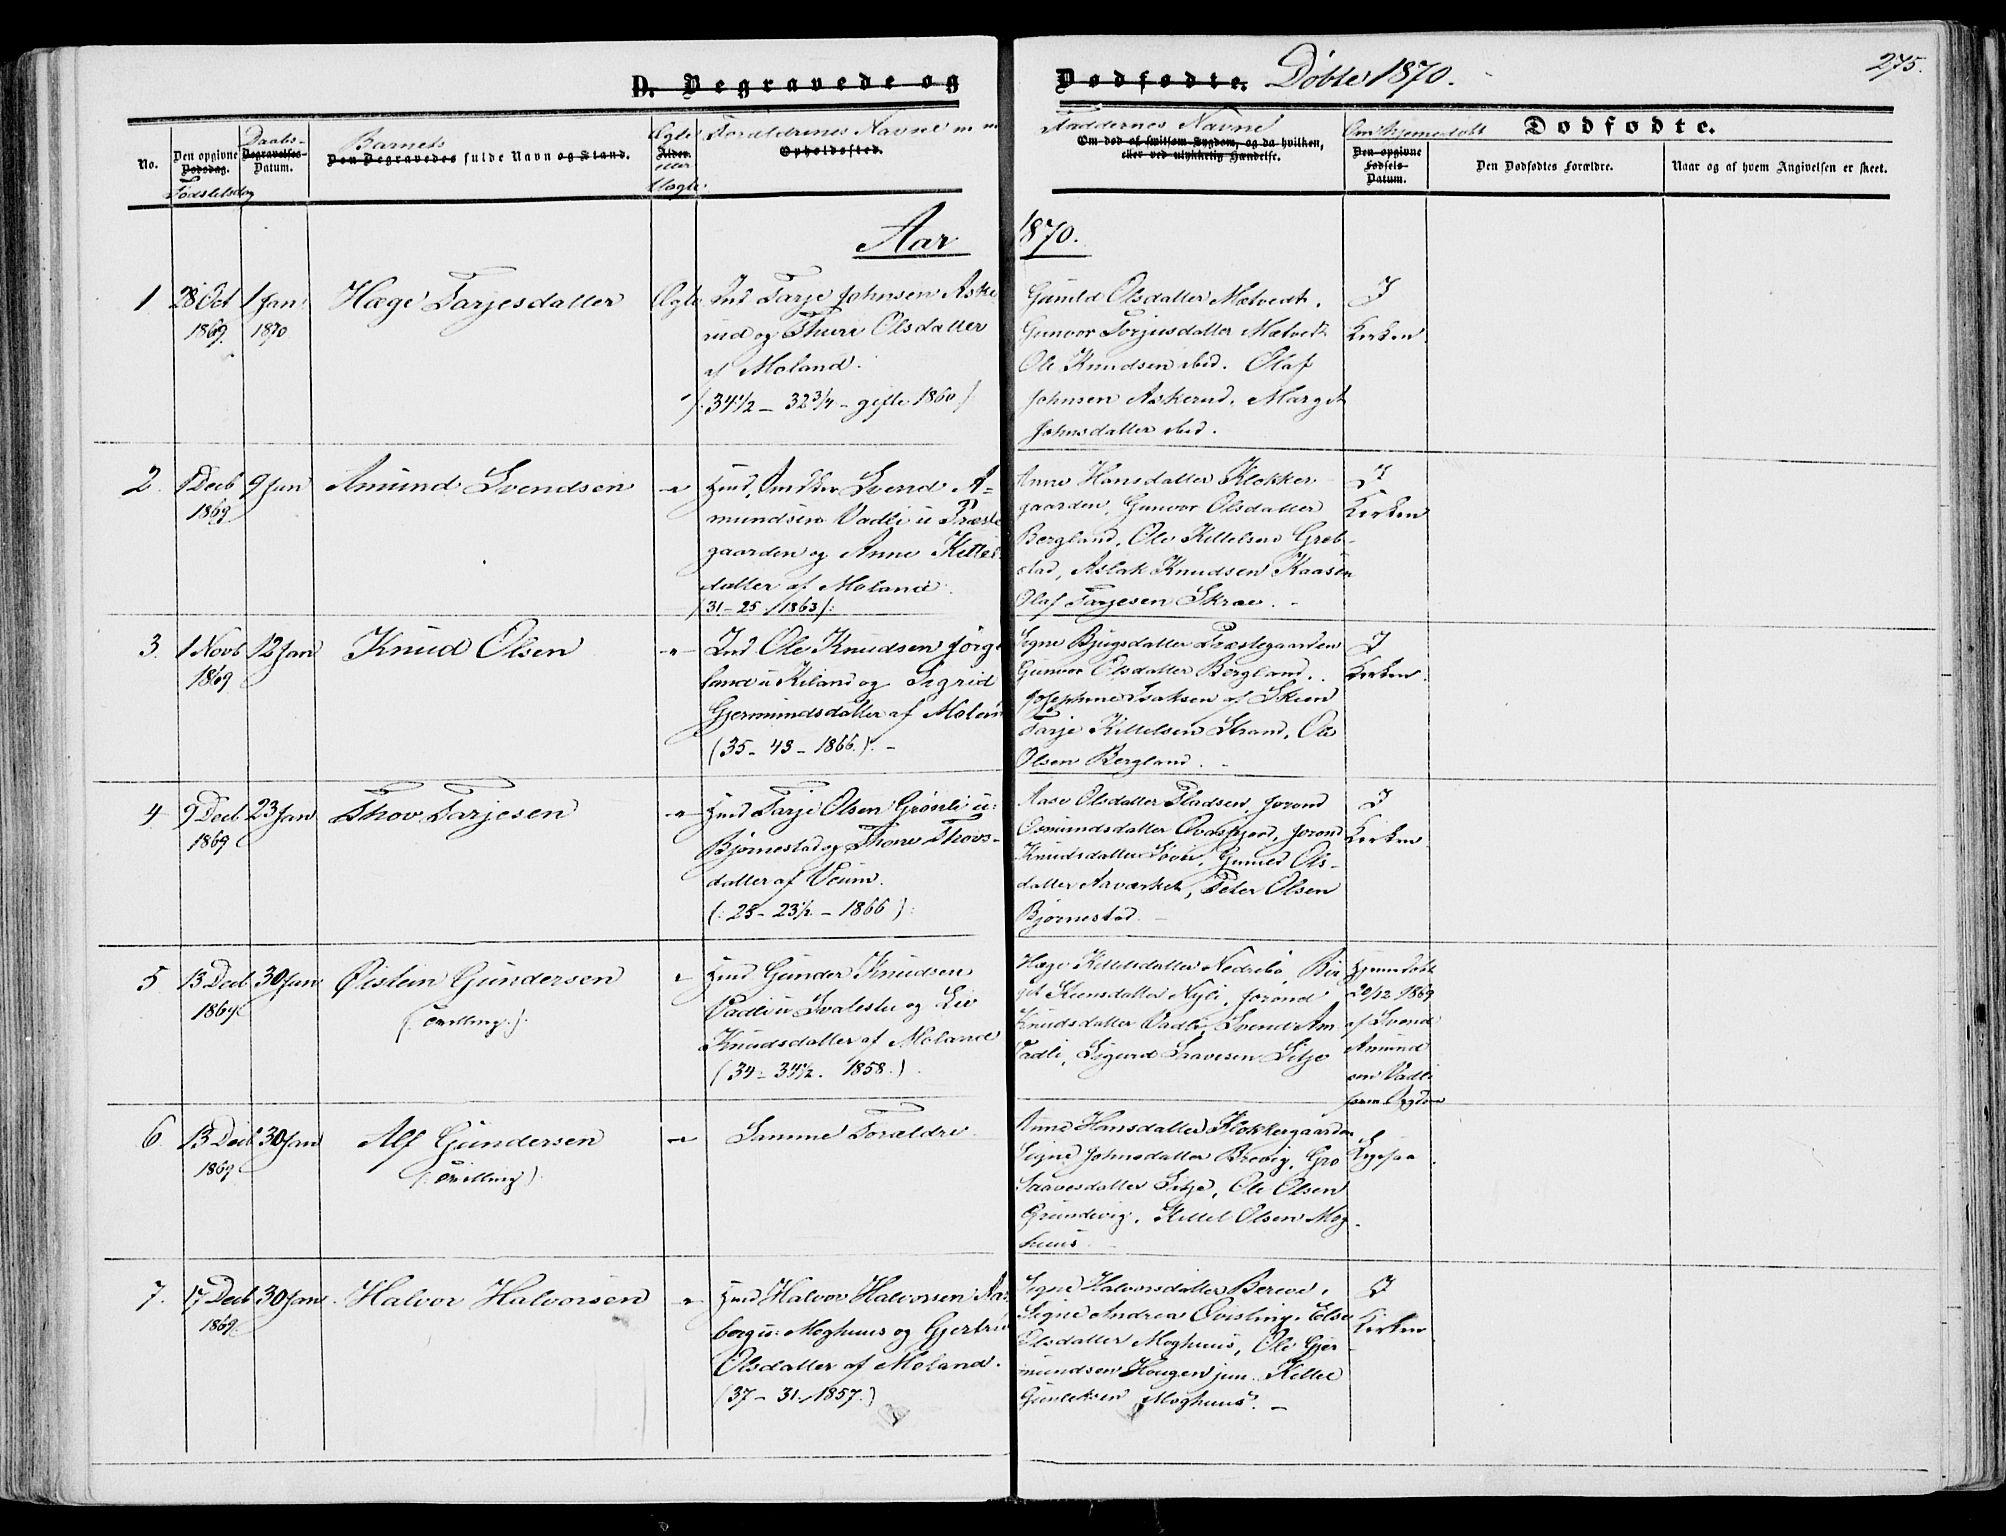 SAKO, Fyresdal kirkebøker, F/Fa/L0005: Ministerialbok nr. I 5, 1855-1871, s. 275